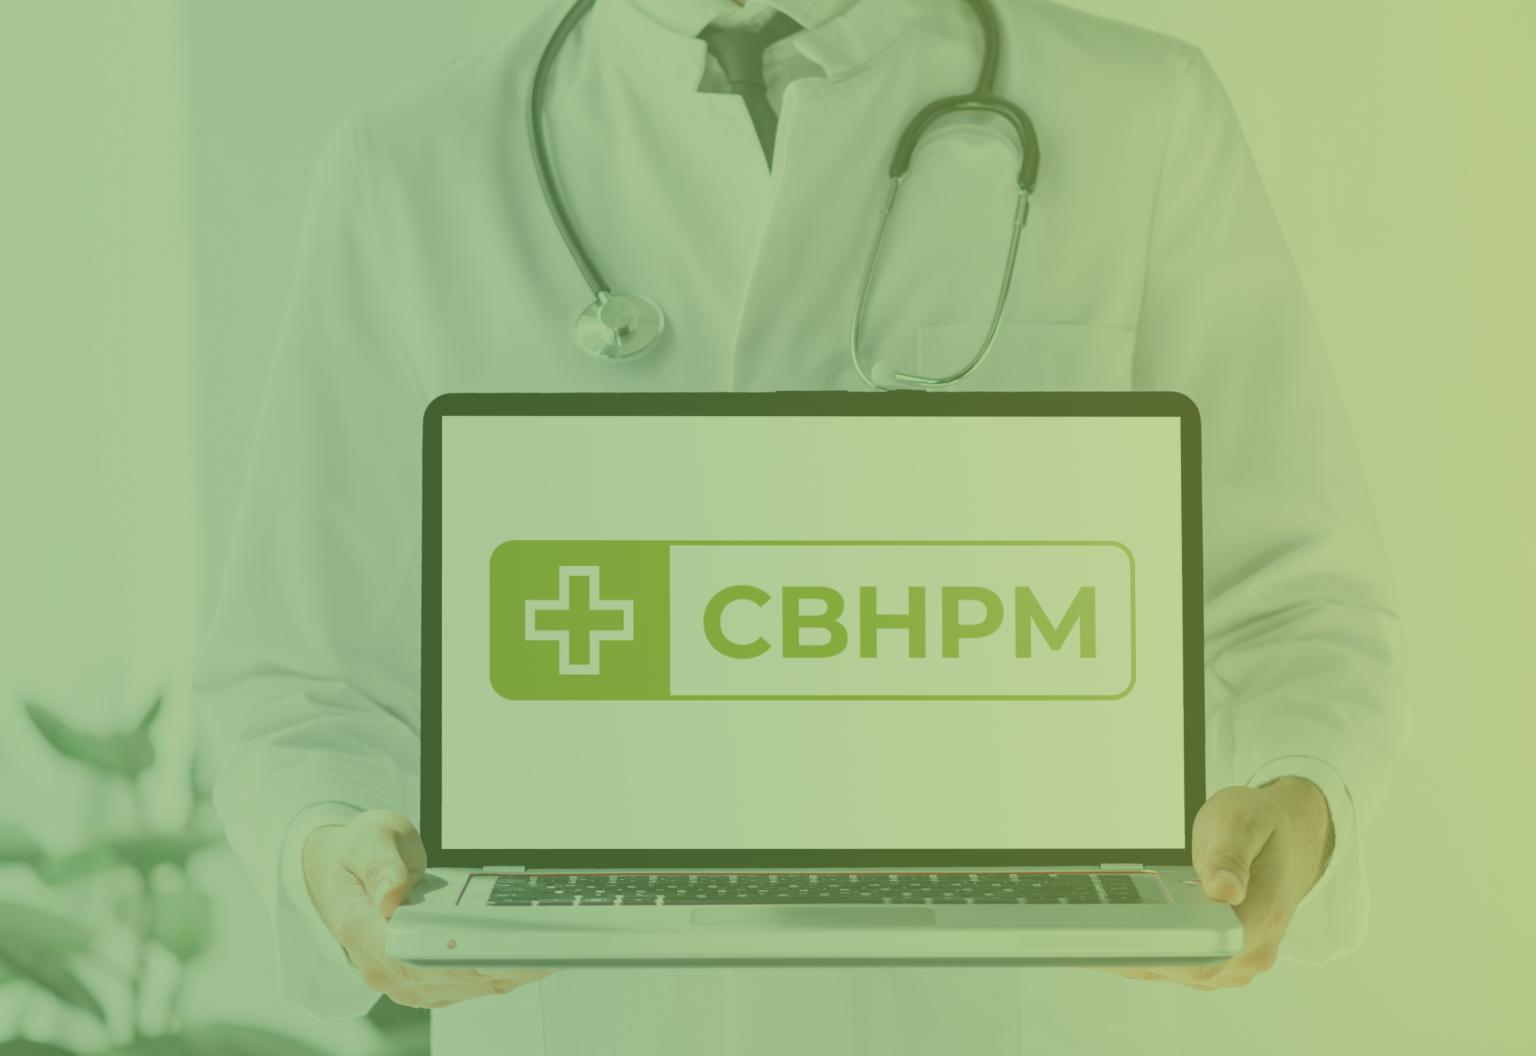 Tabela CBHPM: o que é e porque ela é tão importante para a gestão de convênios da sua clínica